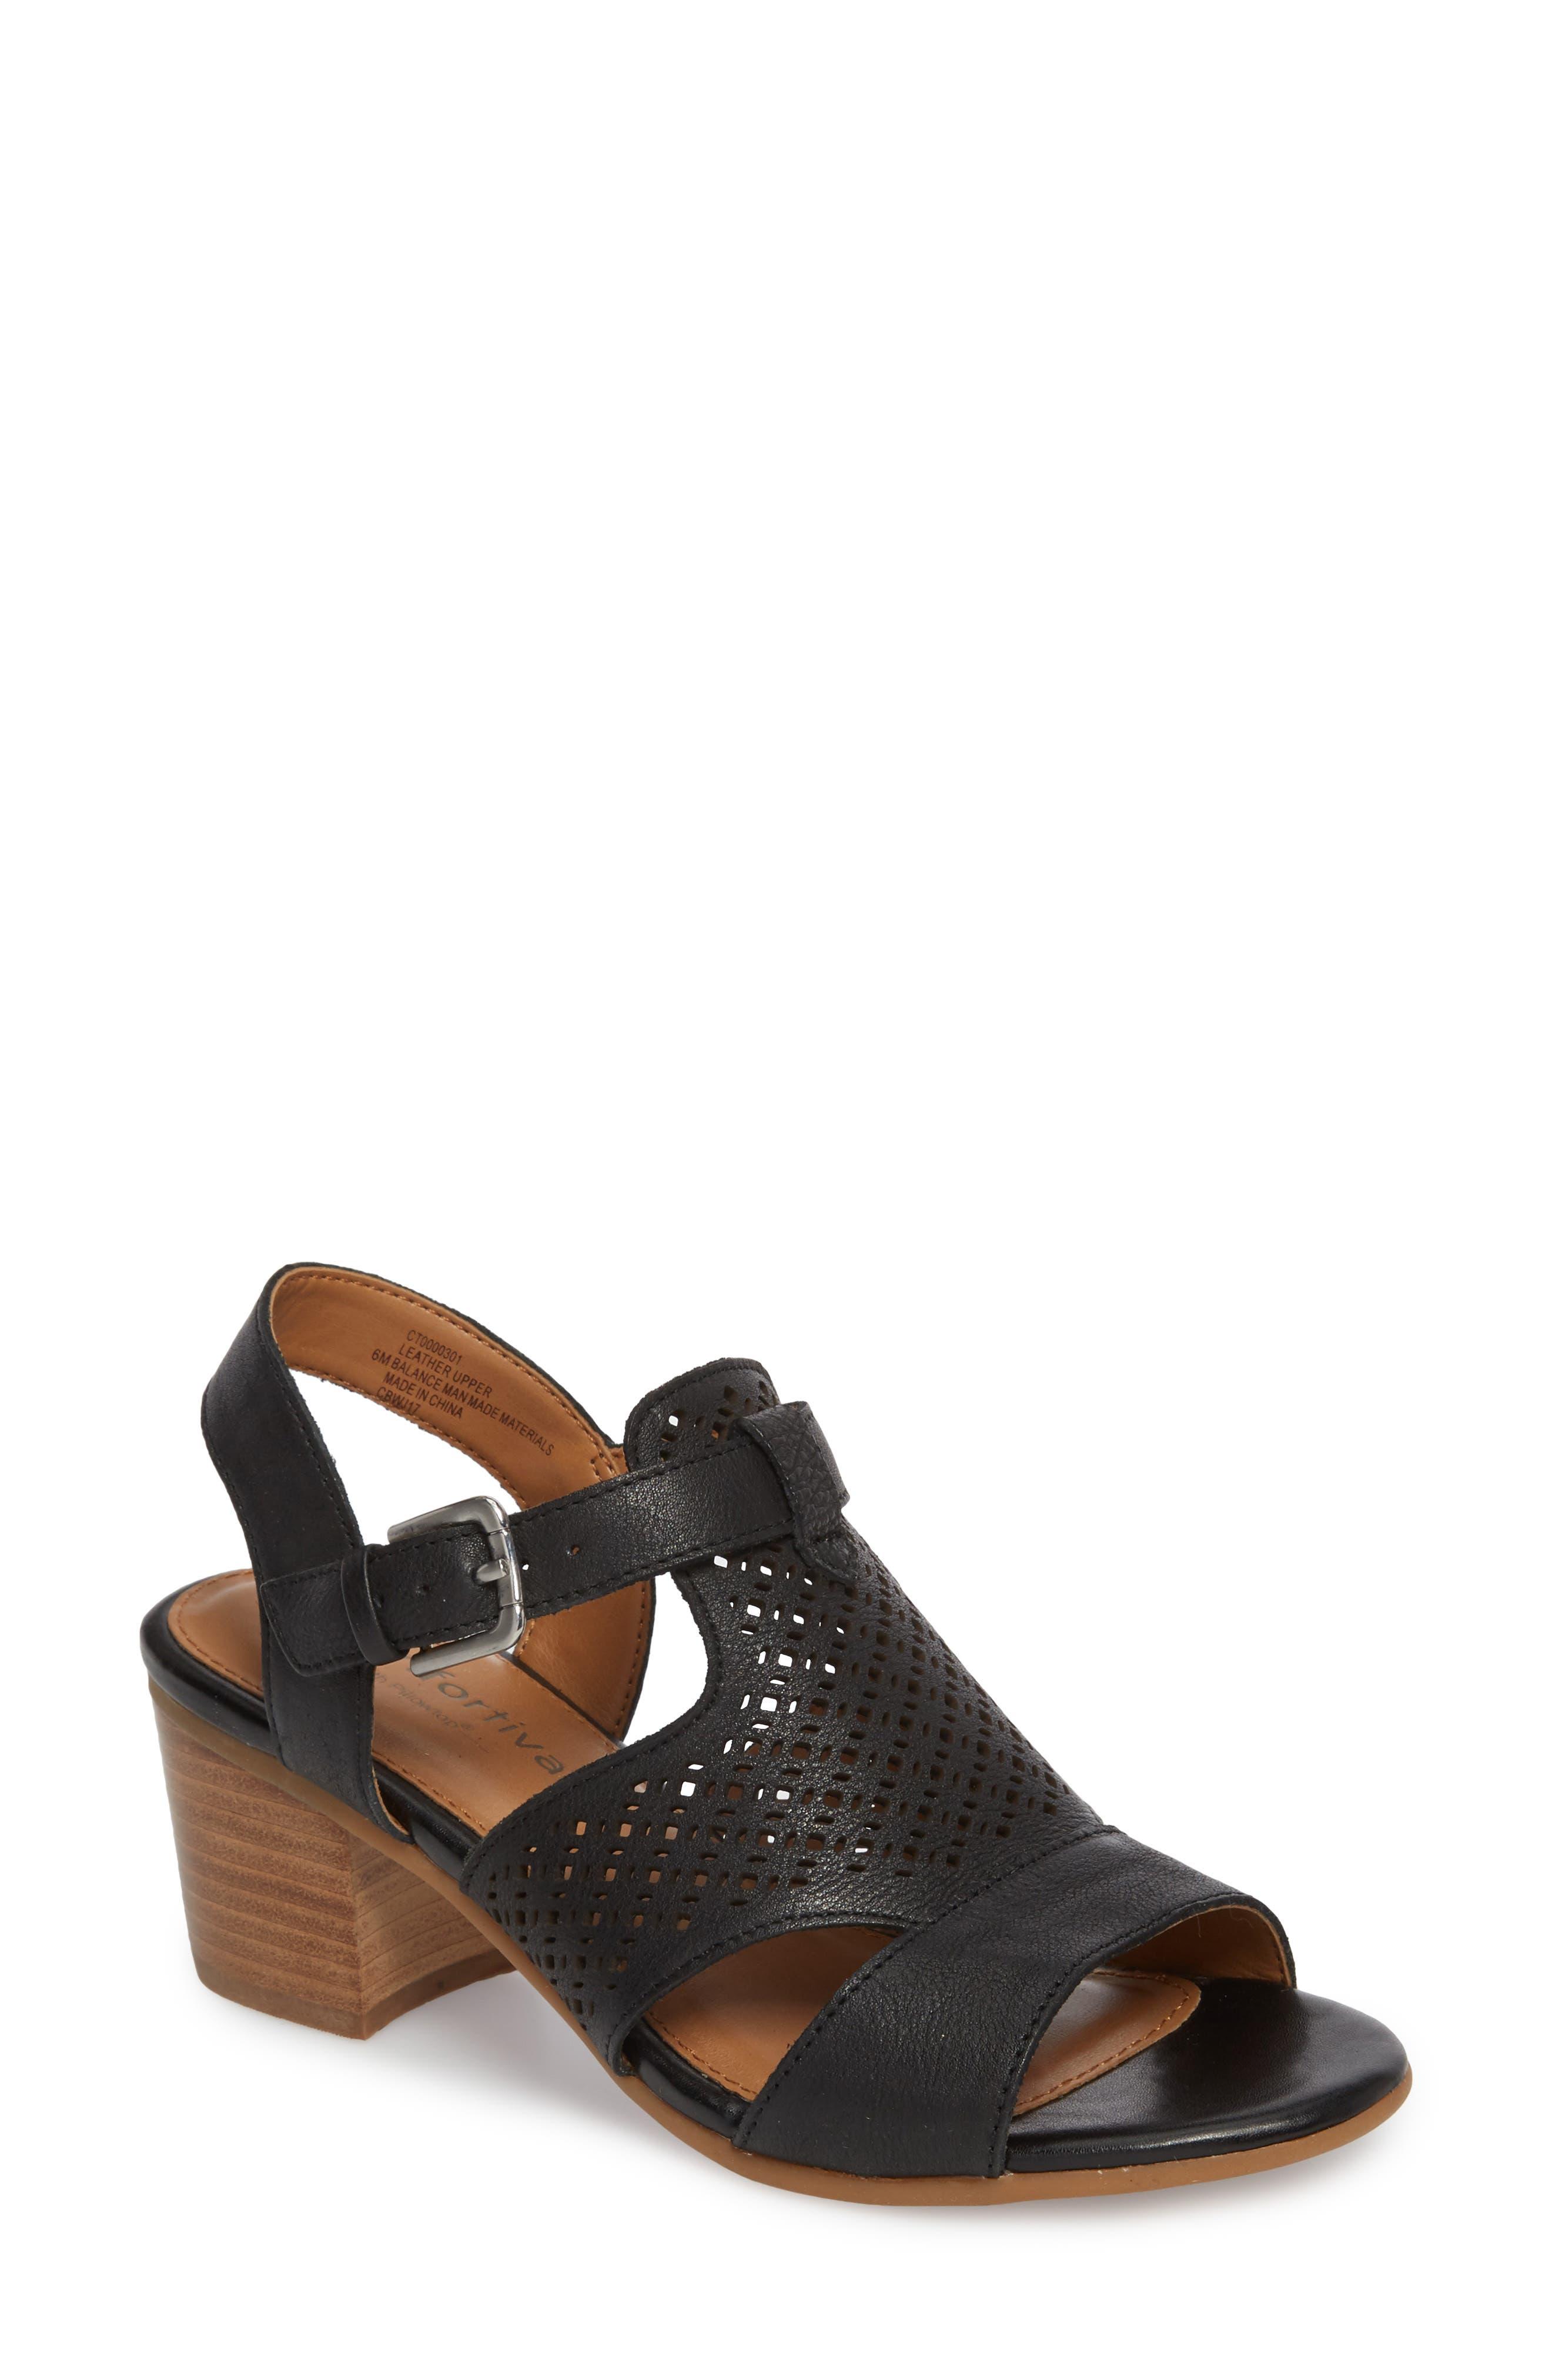 Alternate Image 1 Selected - Comfortiva Amber Perforated Block Heel Sandal (Women)